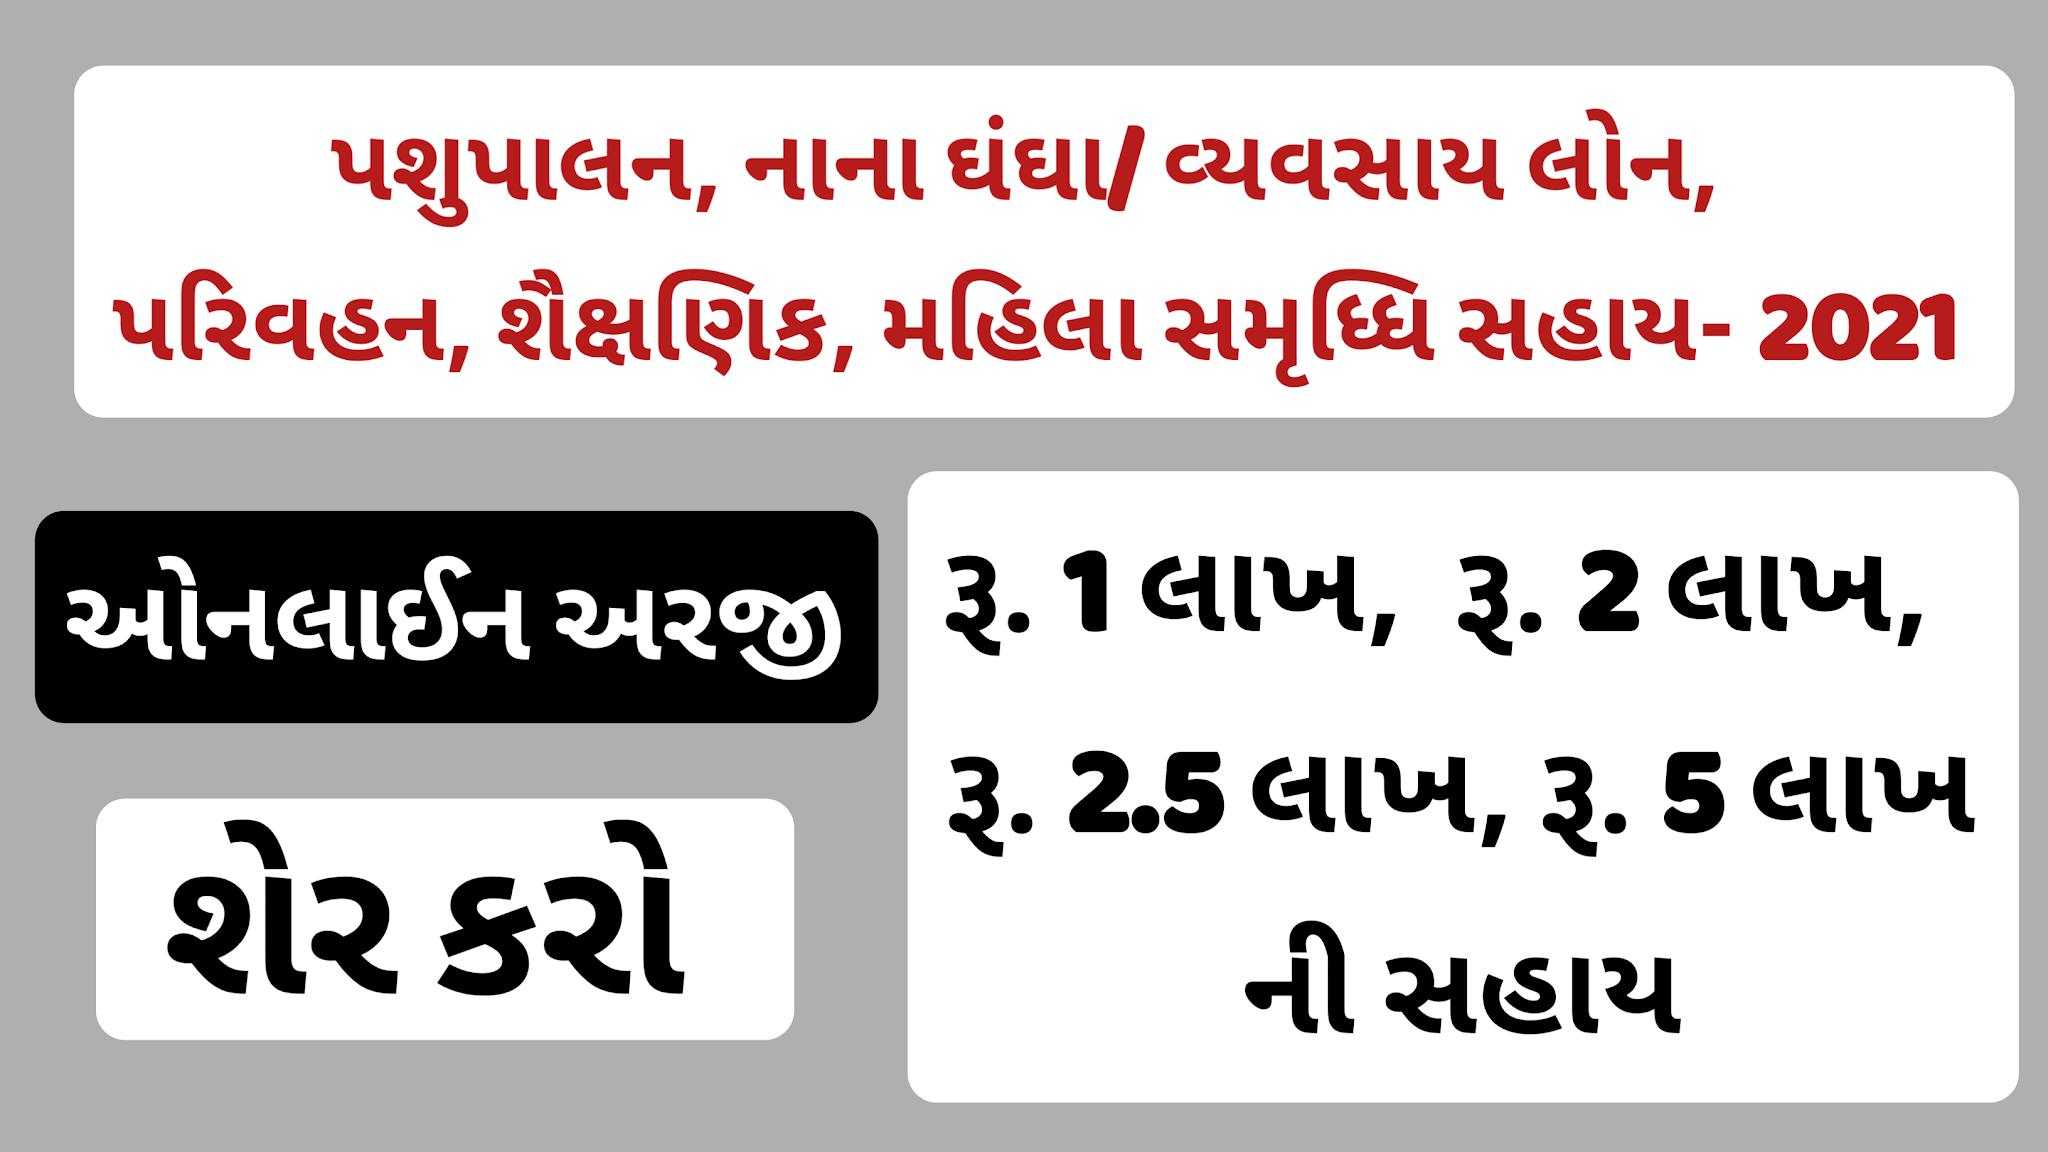 Gujarat Backward Classes Development Corporation Educational Loan Schemes 2021@sje.gujarat.gov.in